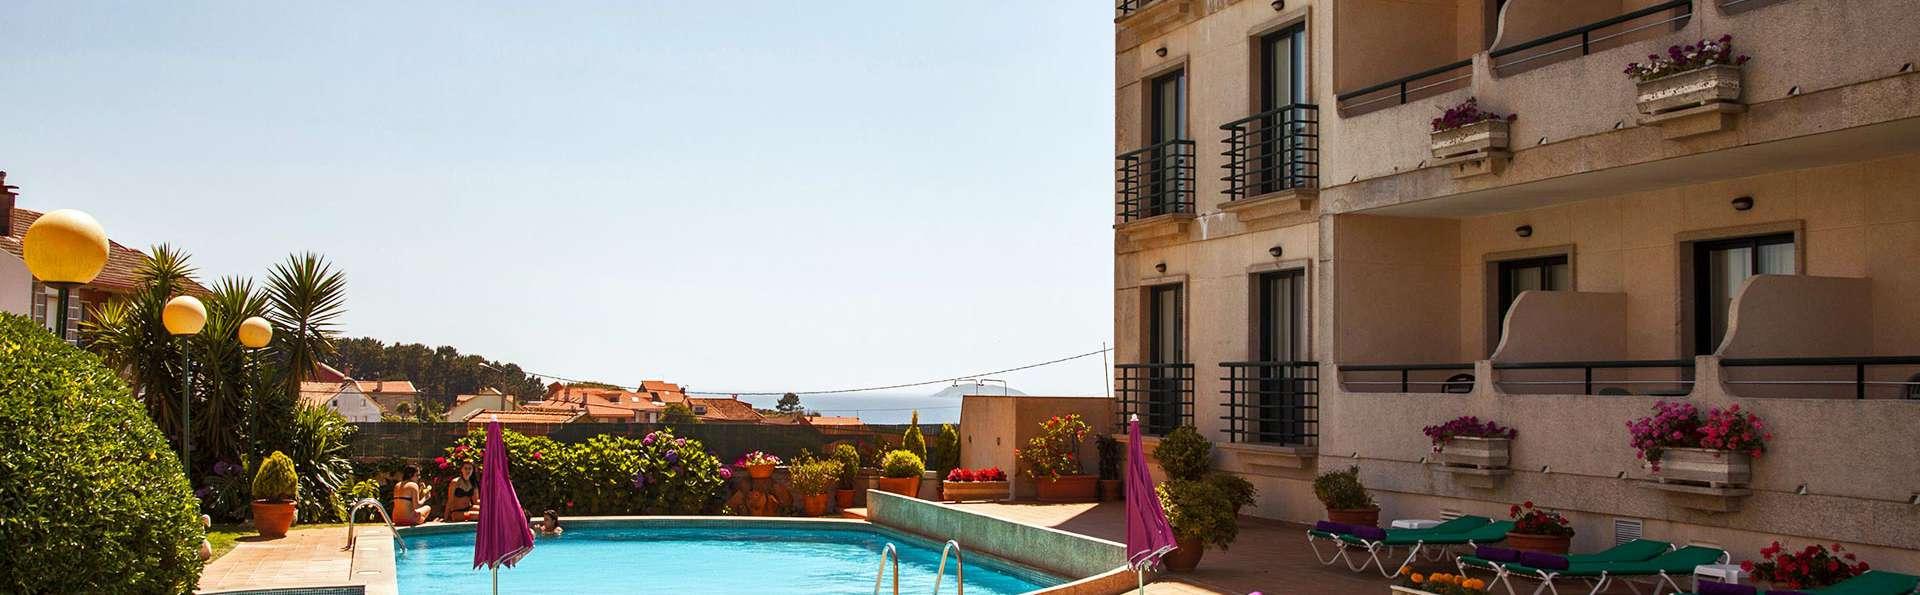 Hotel Oca Vermar - edit_pool.jpg